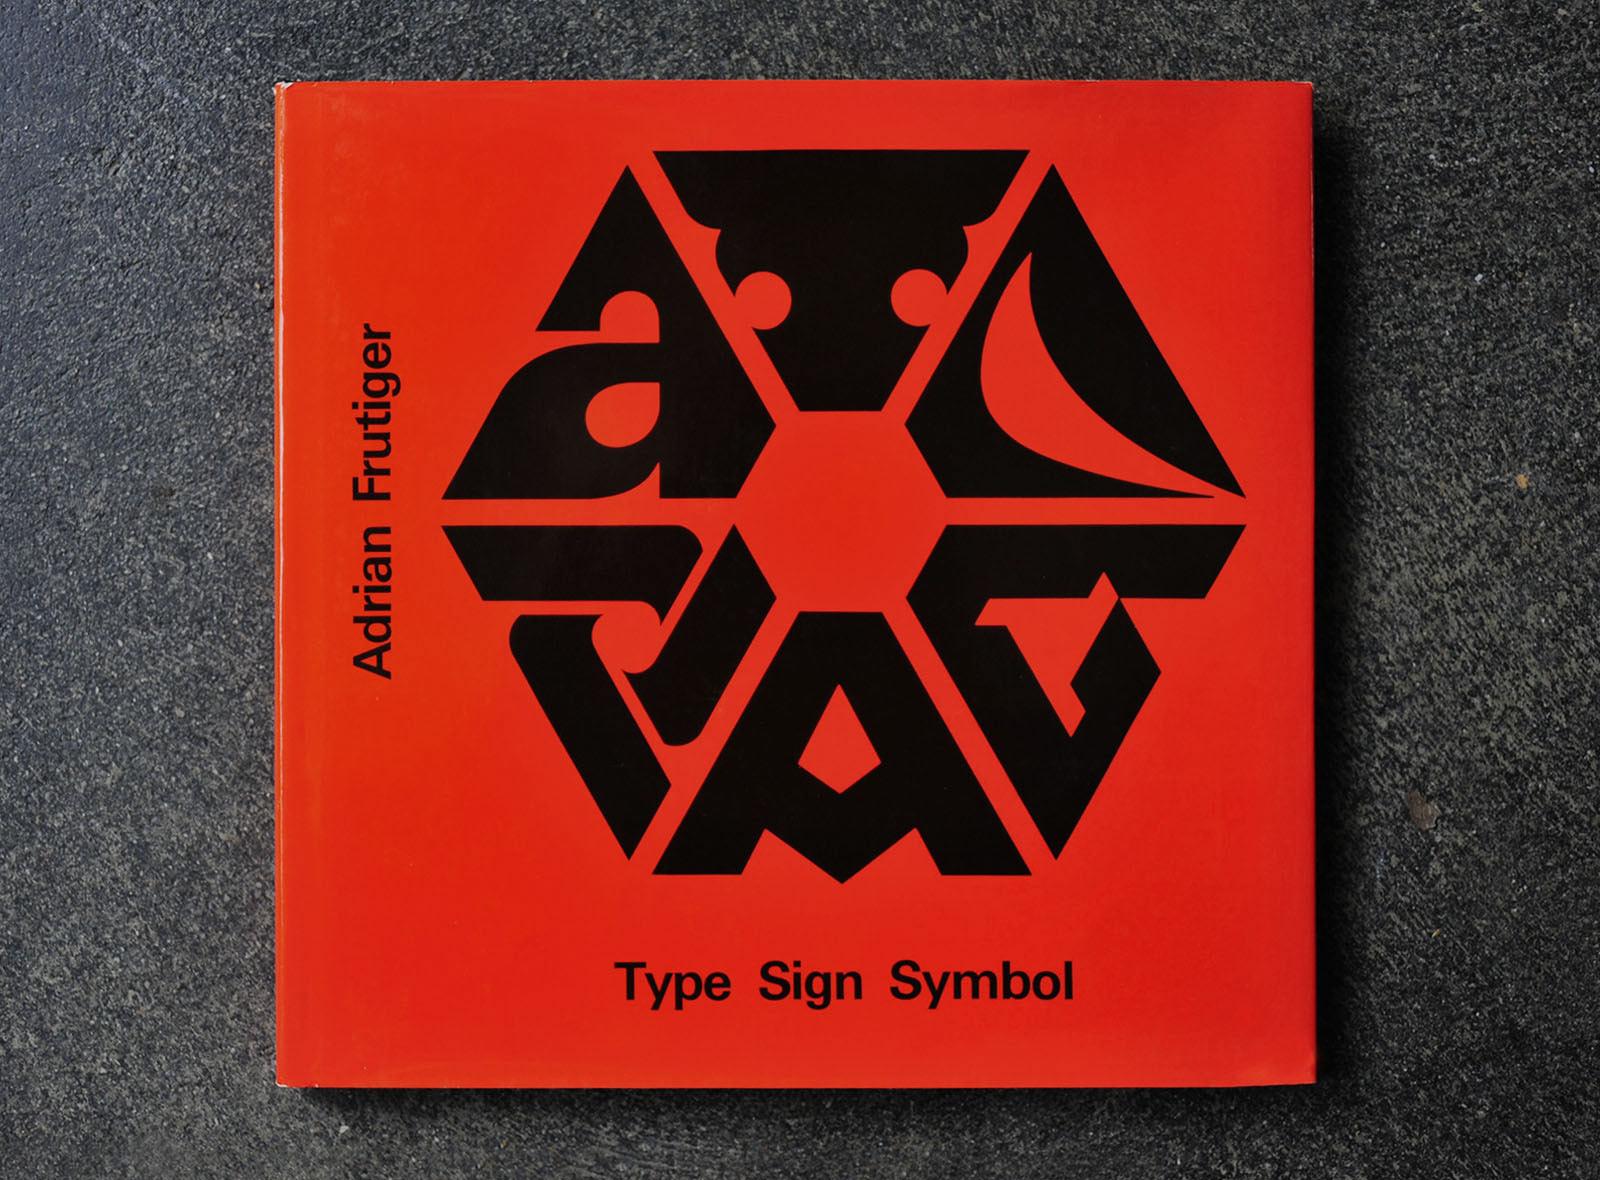 Swiss Design - Frutiger Schrift